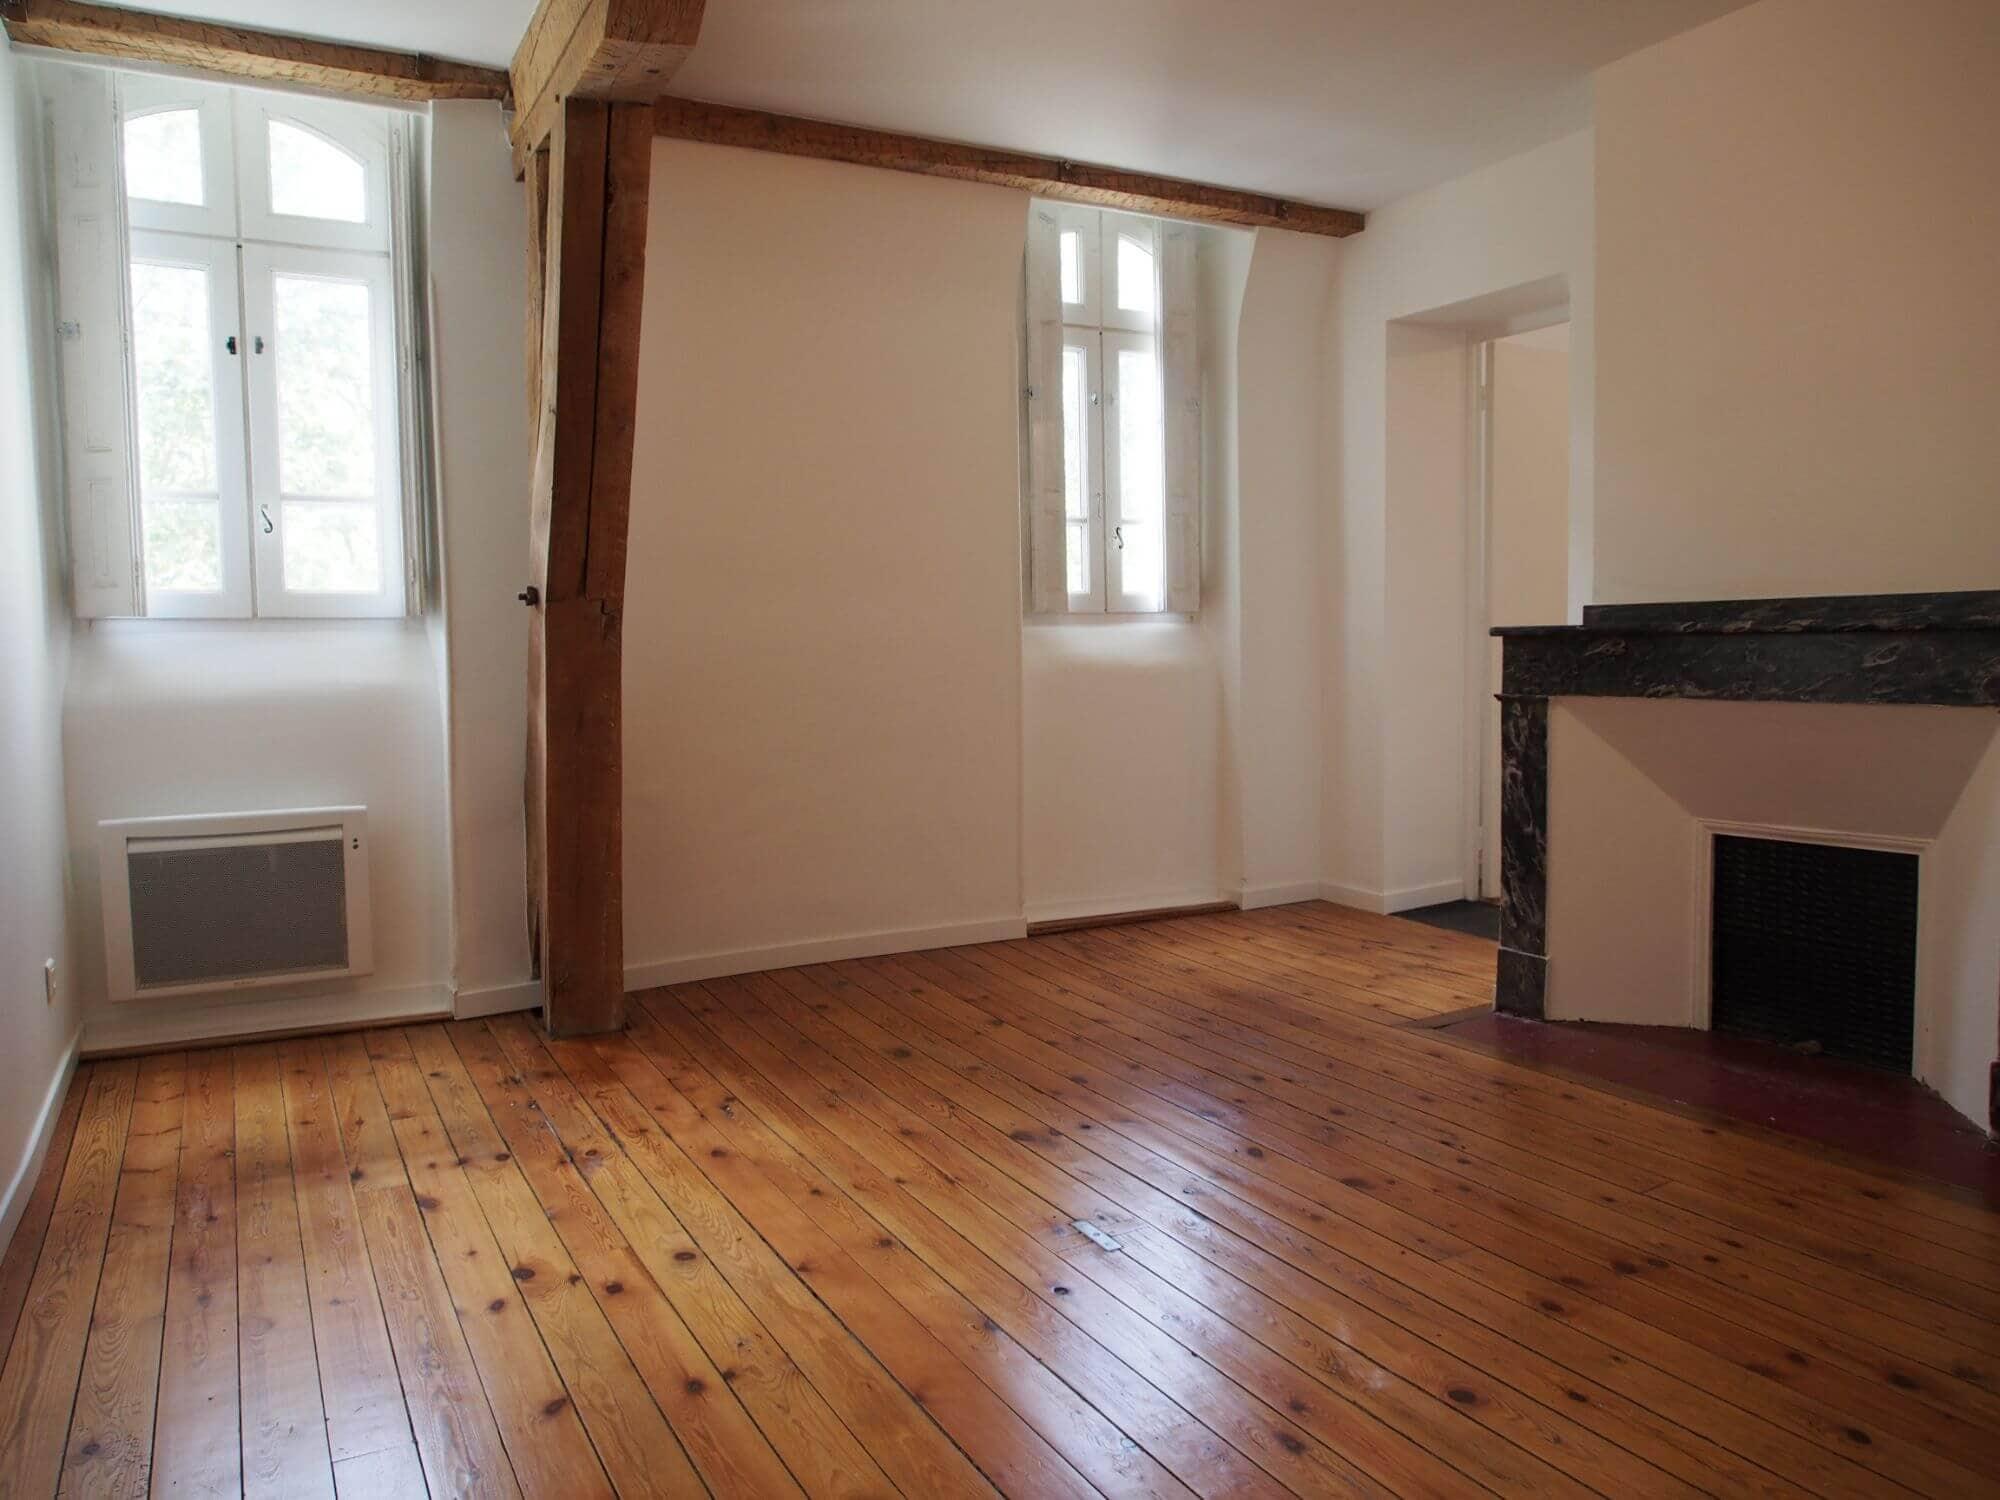 Rénovation de maison ancienne à Toulouse